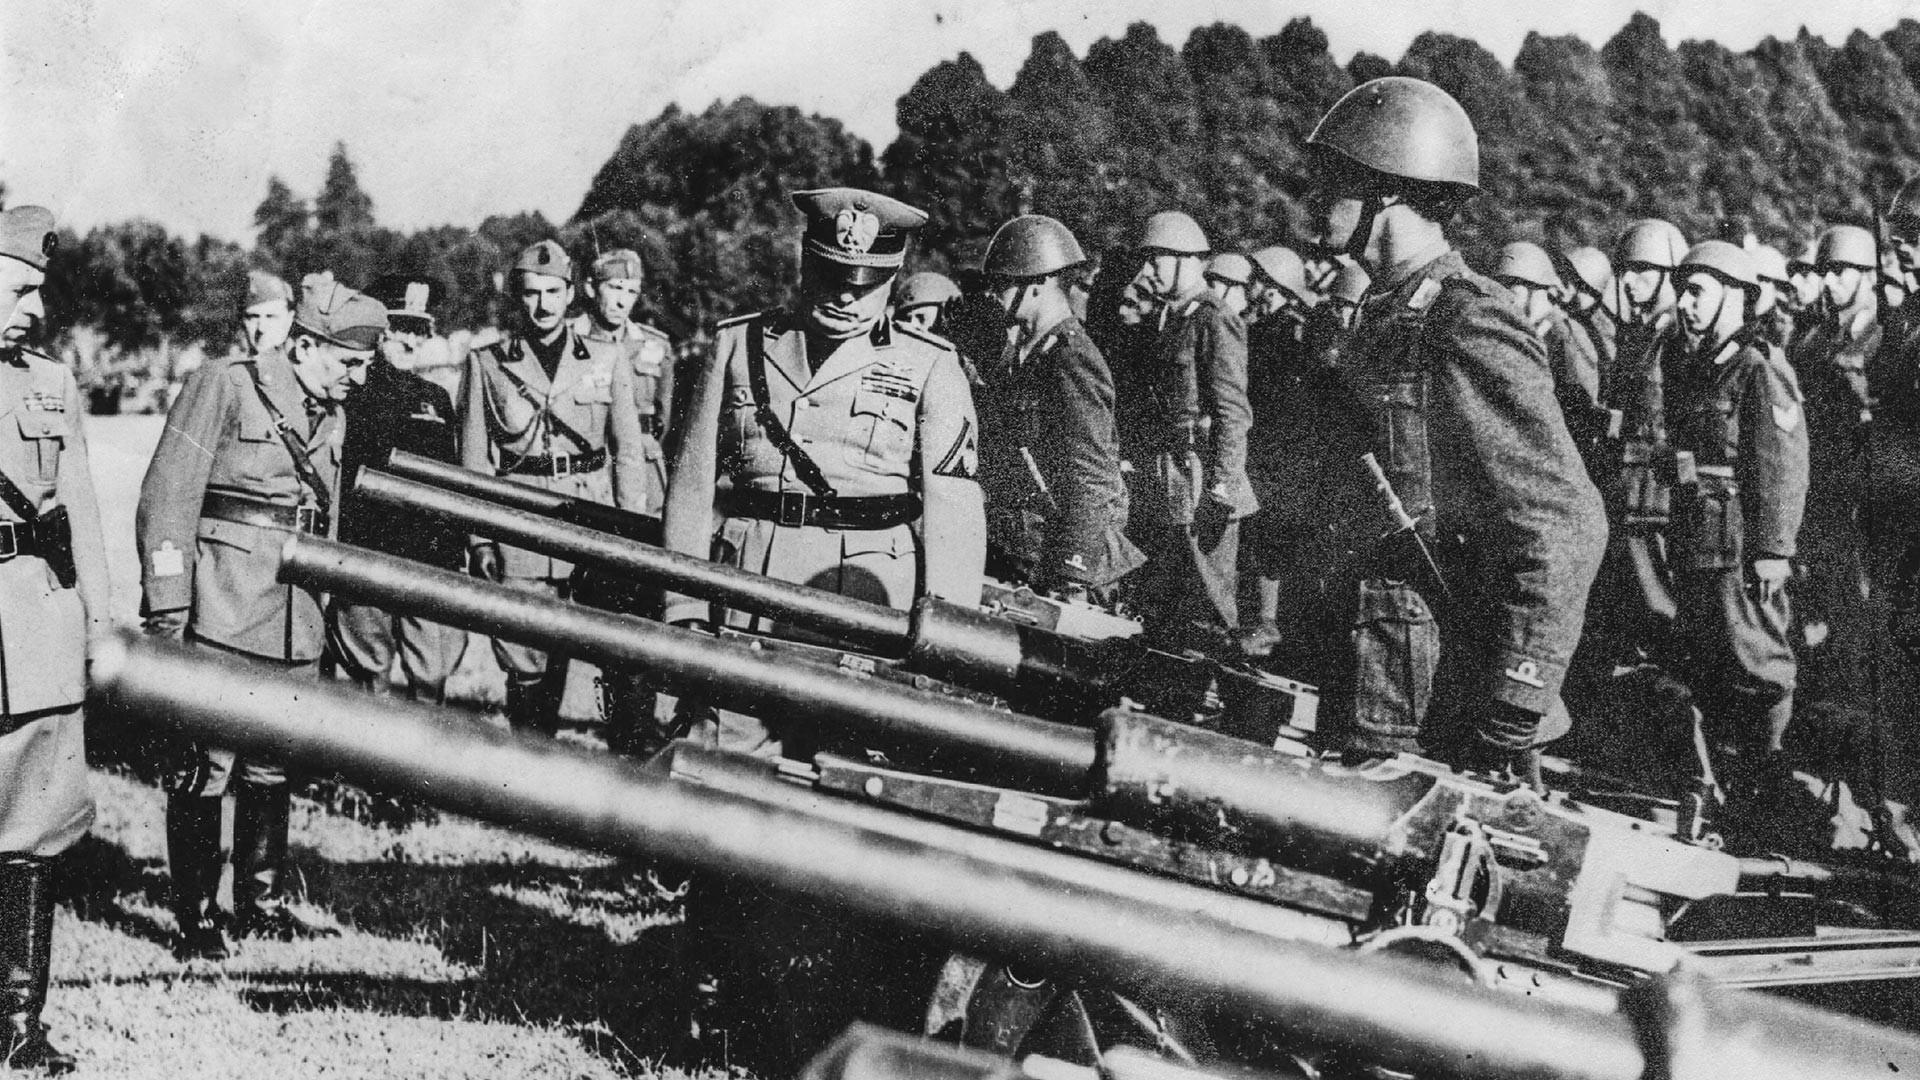 Le dictateur Benito Mussolini inspecte des canons qui seront envoyés sur le front.